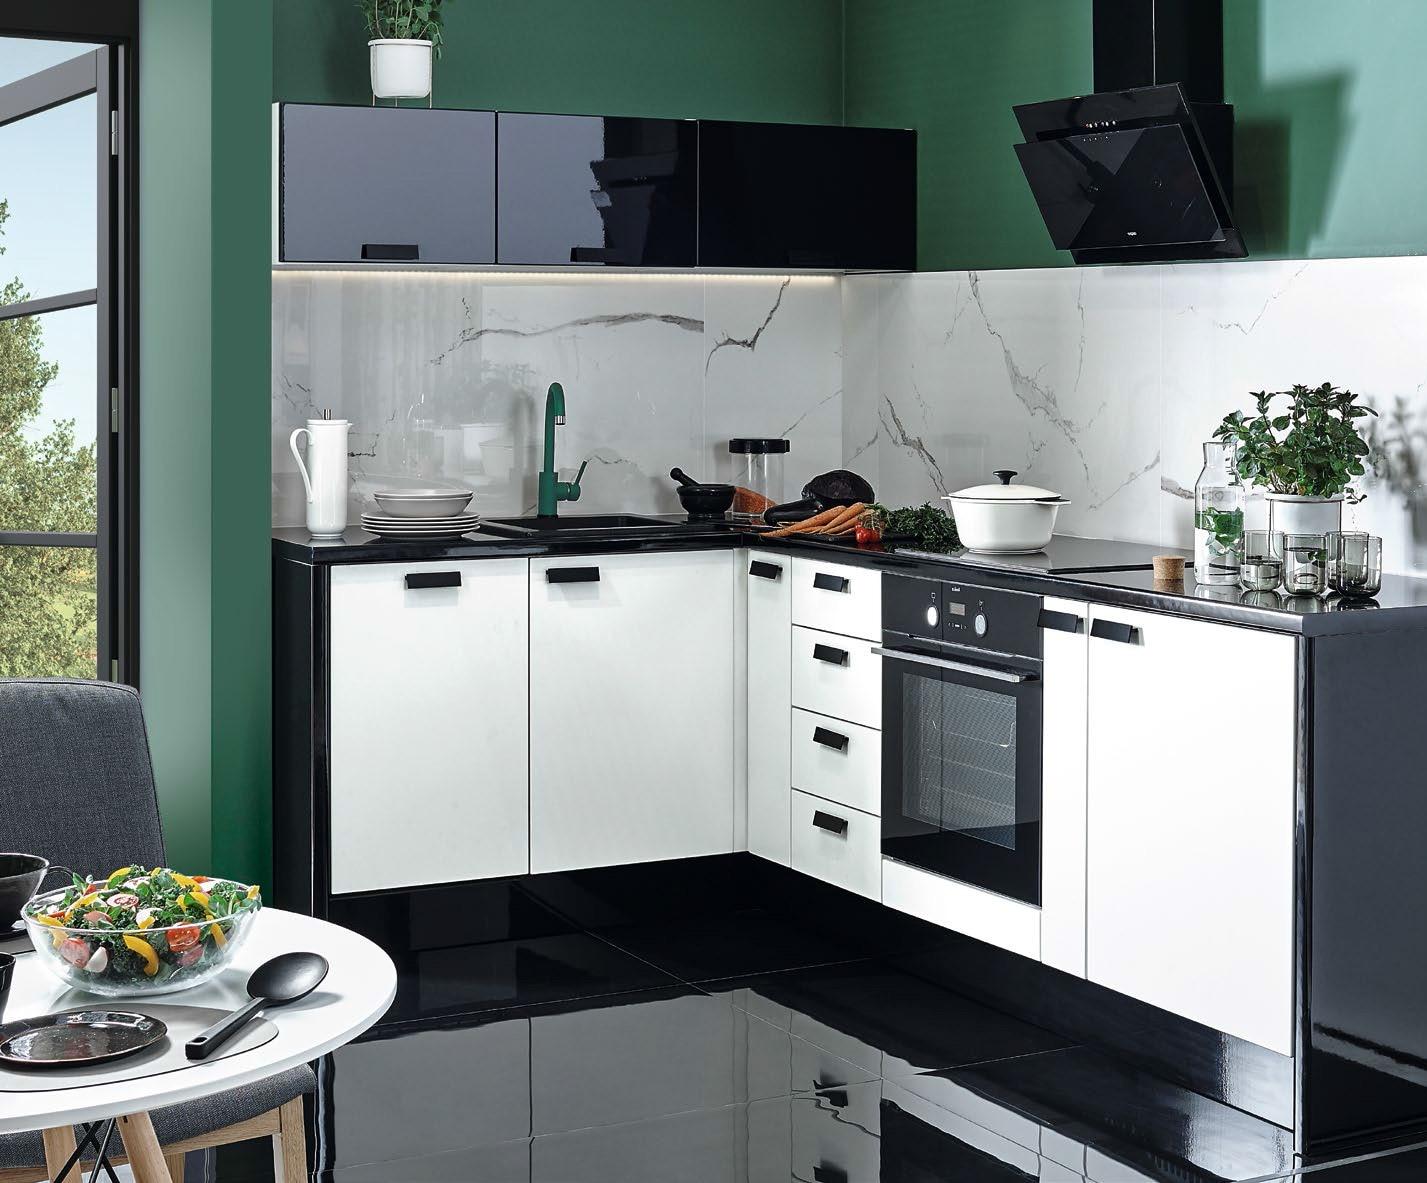 Nowa Kuchnia W 7 Dni Kuchnia Od A Do Z Inspiracje